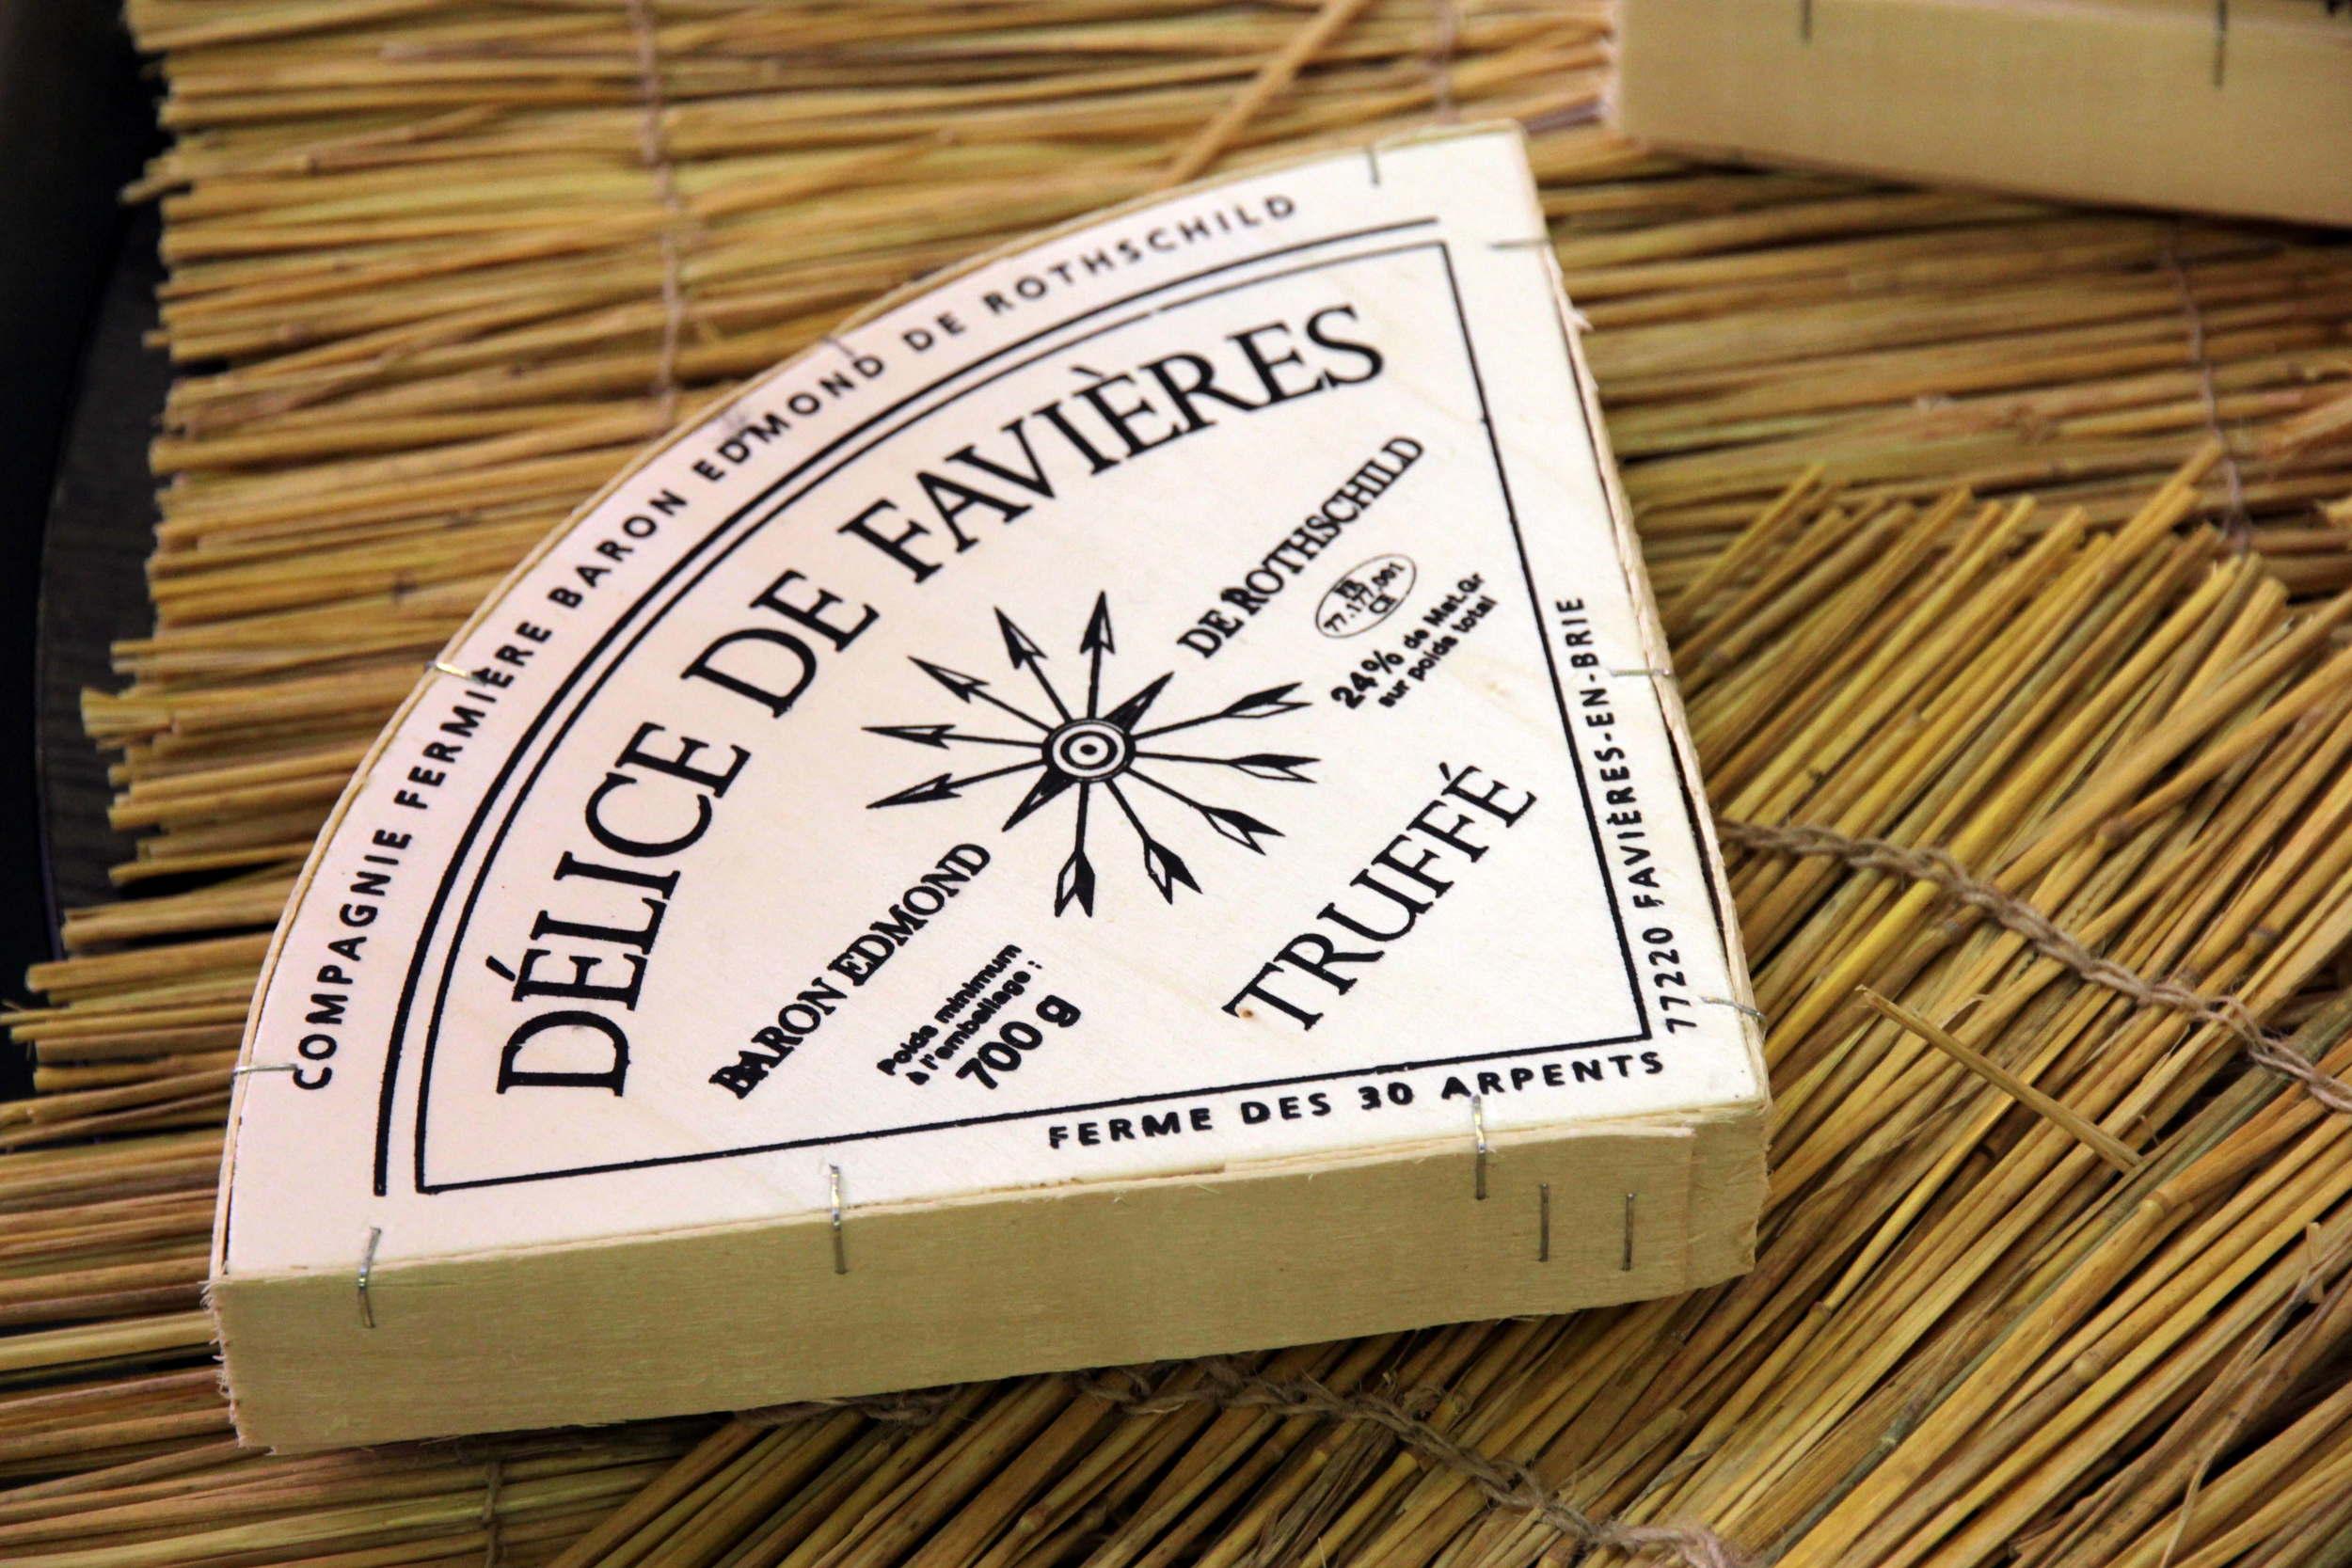 delice-de-favieres-brie-truffes-fermier.jpg